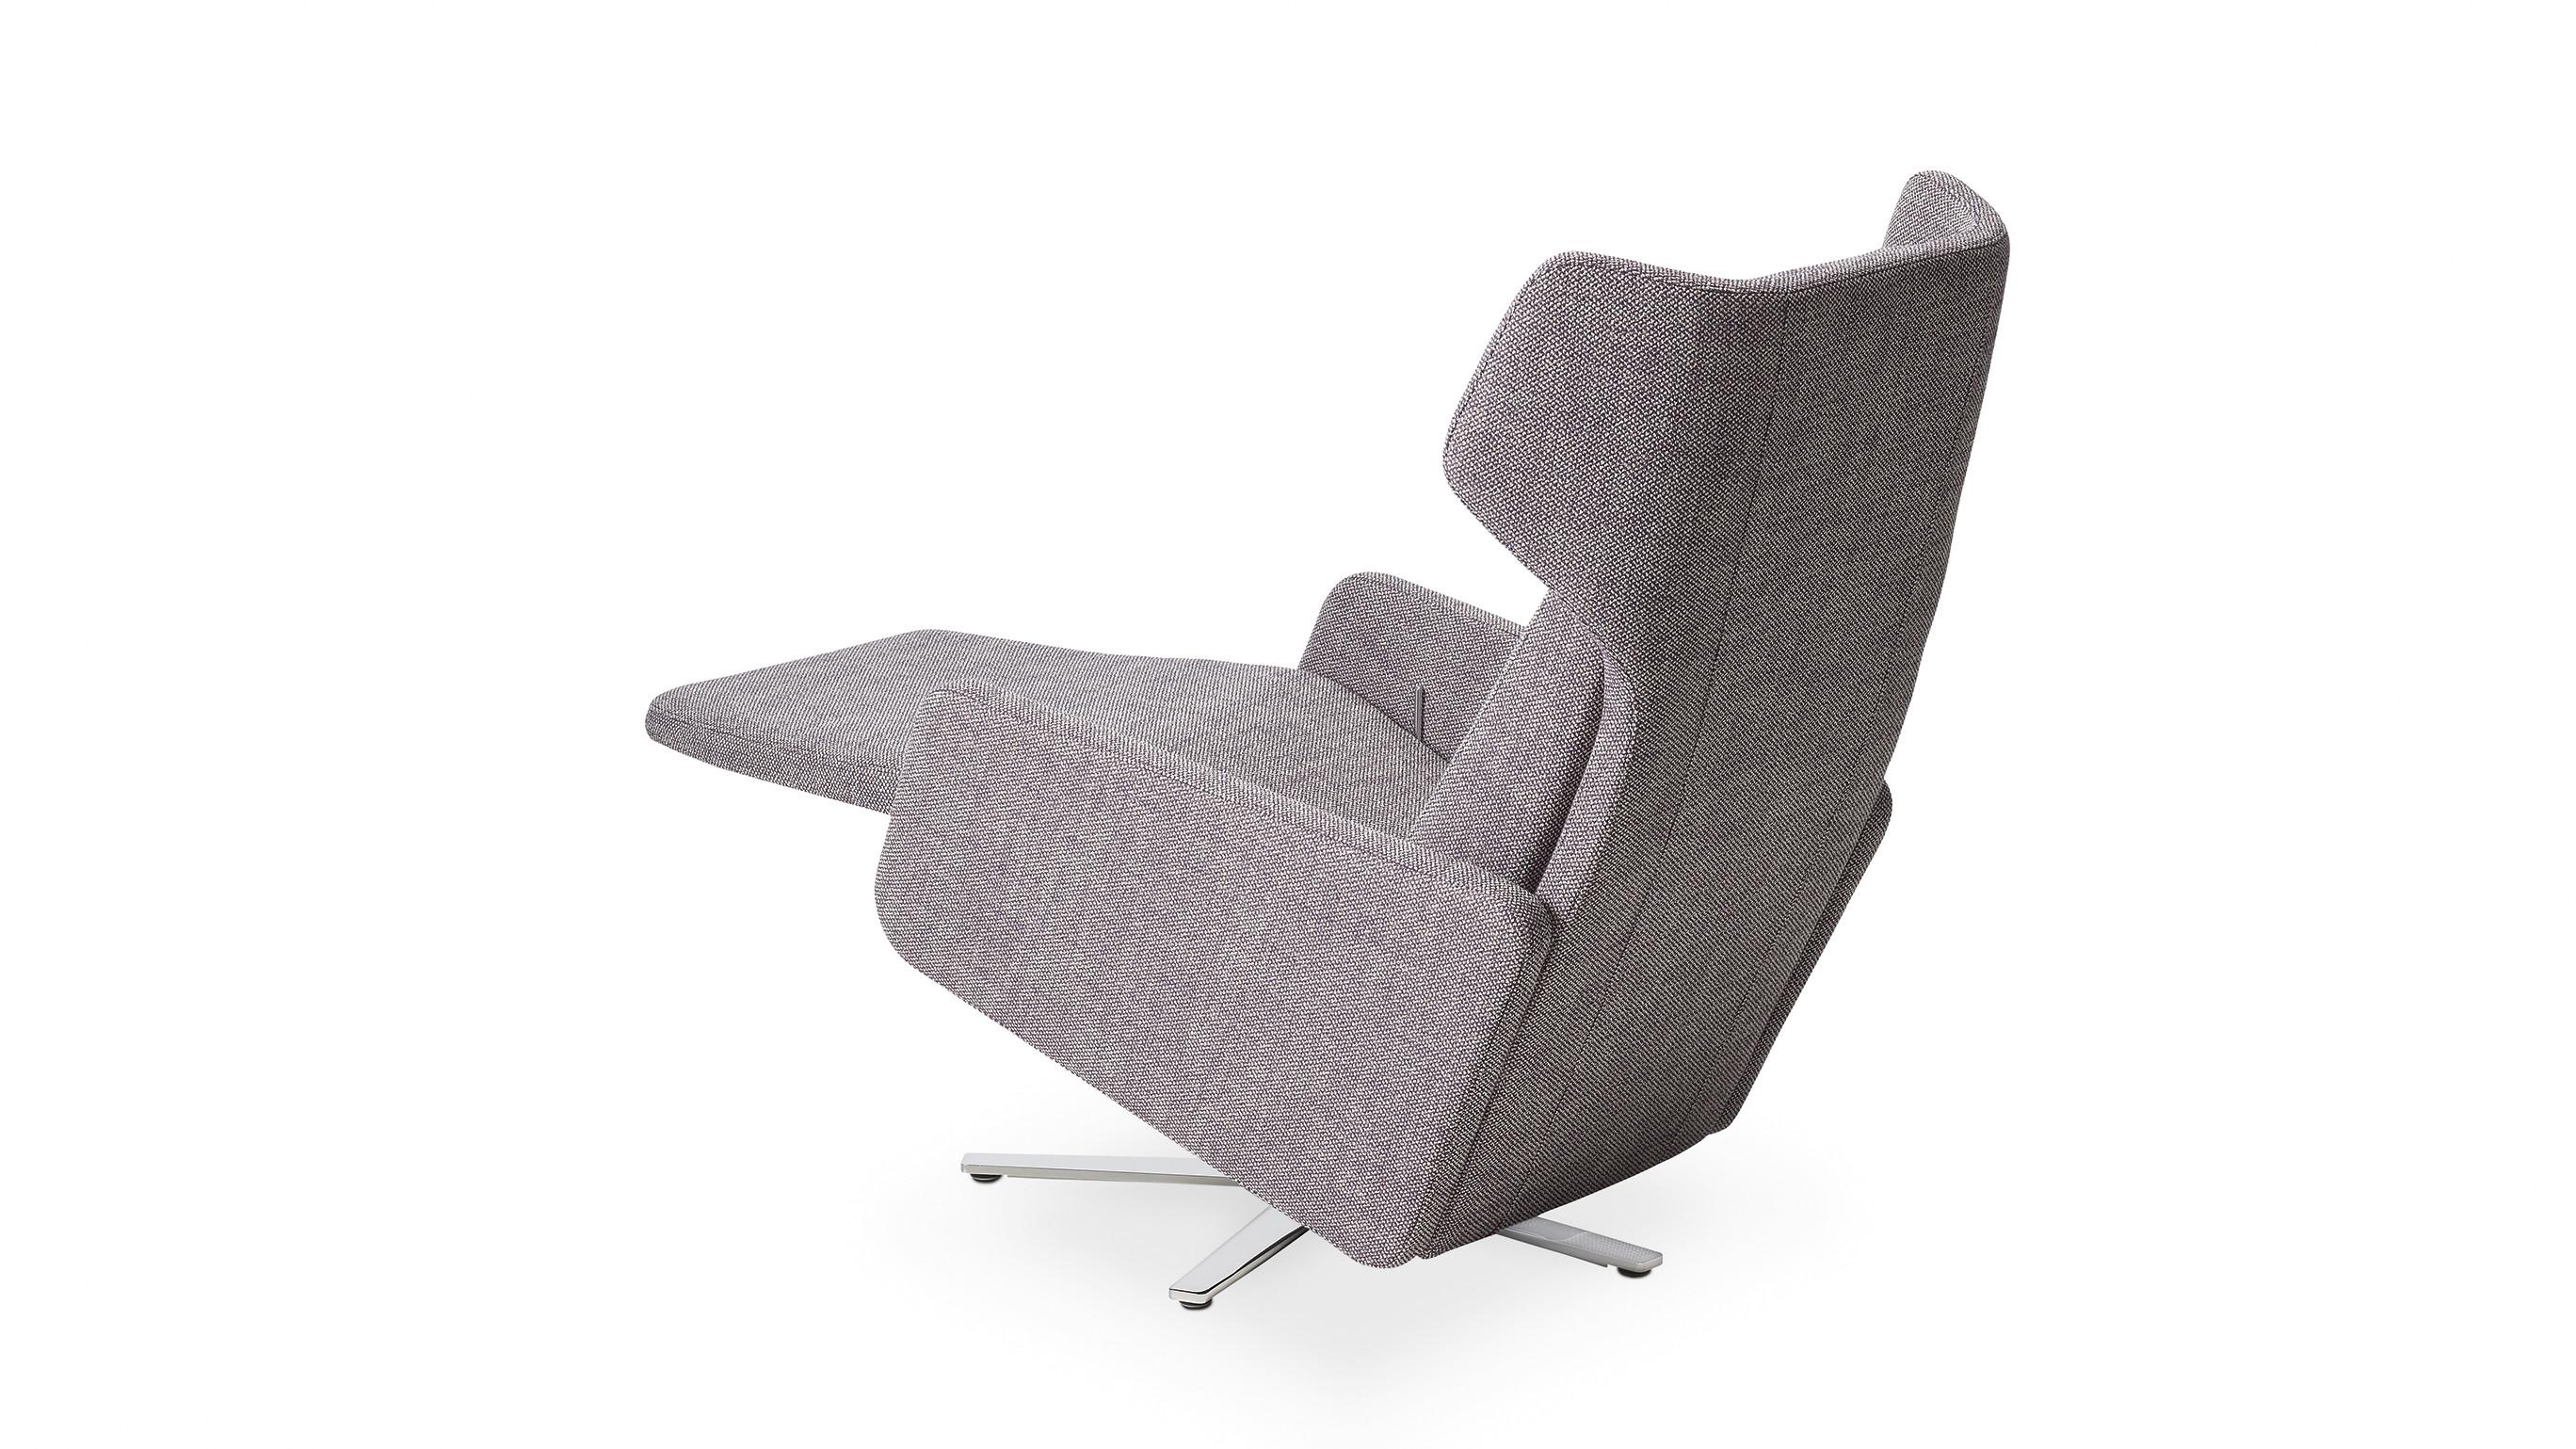 Nano wing chair intertime for 0hren sessel